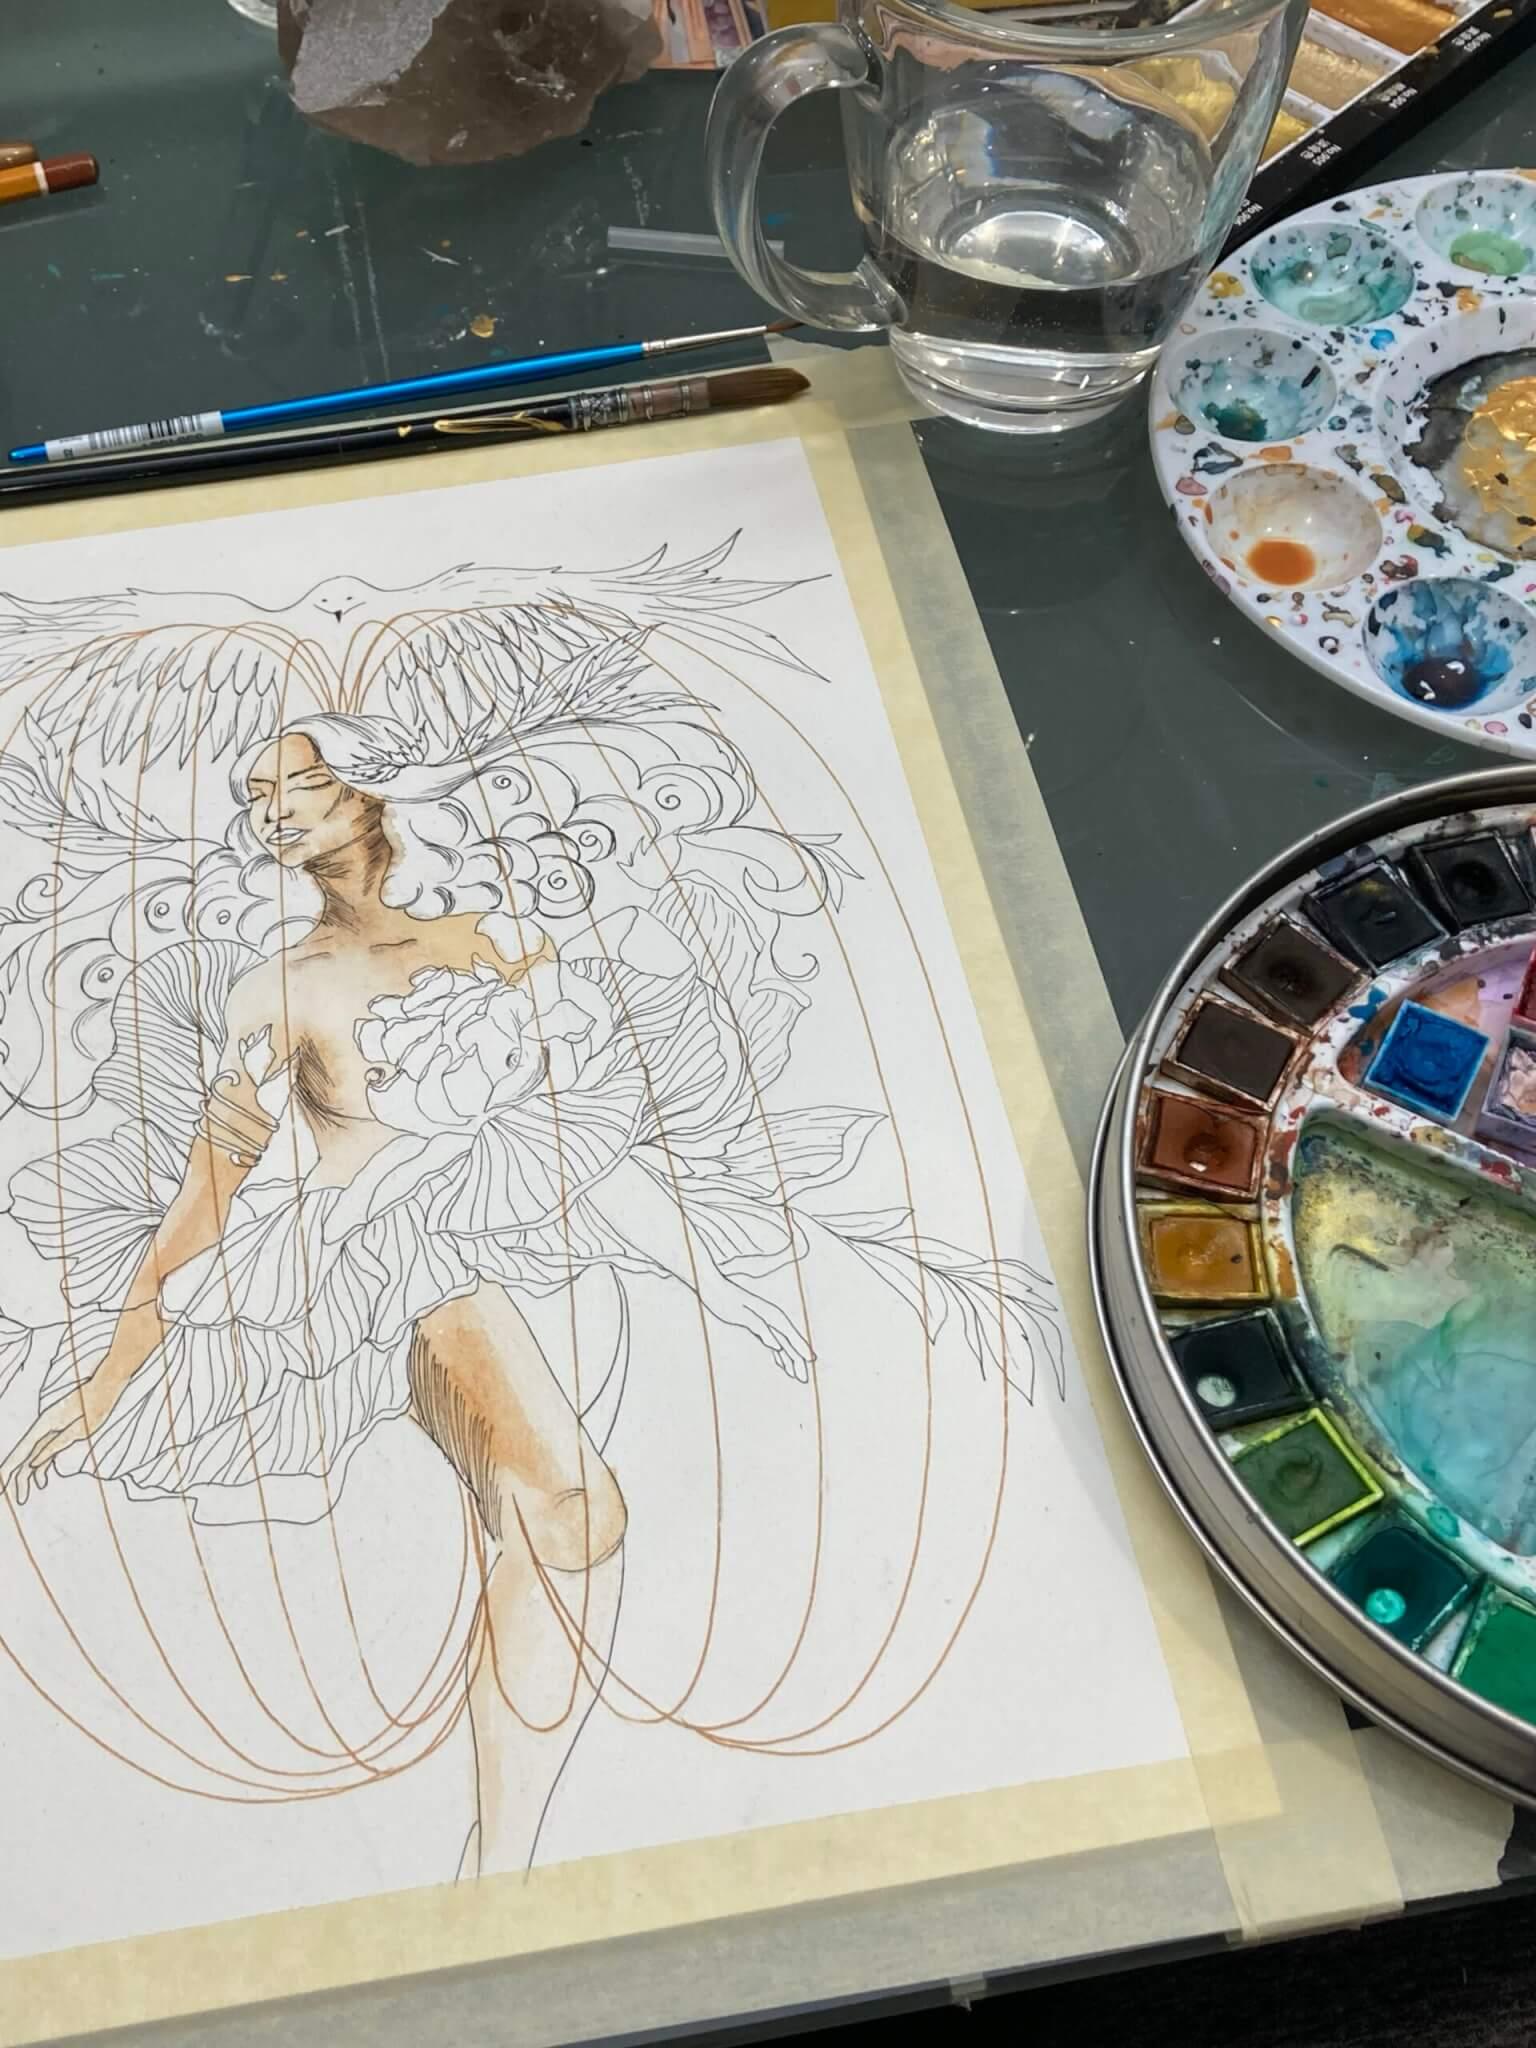 Oeuvre aquarelle en processus de création sur espace de travail